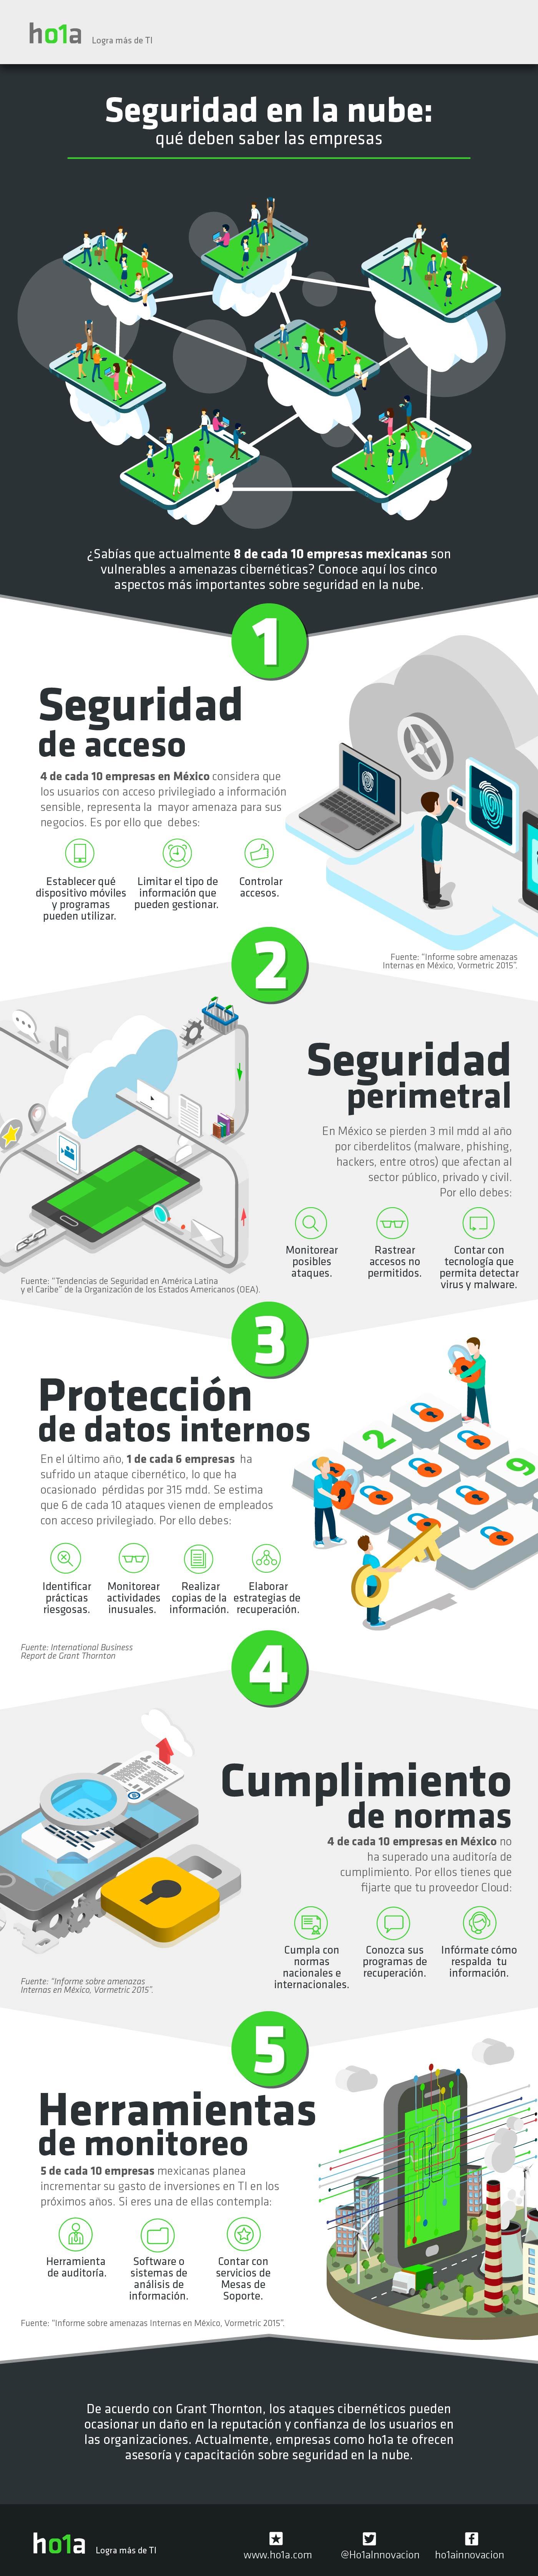 Estrategias de Seguridad para Servicios en la Nube